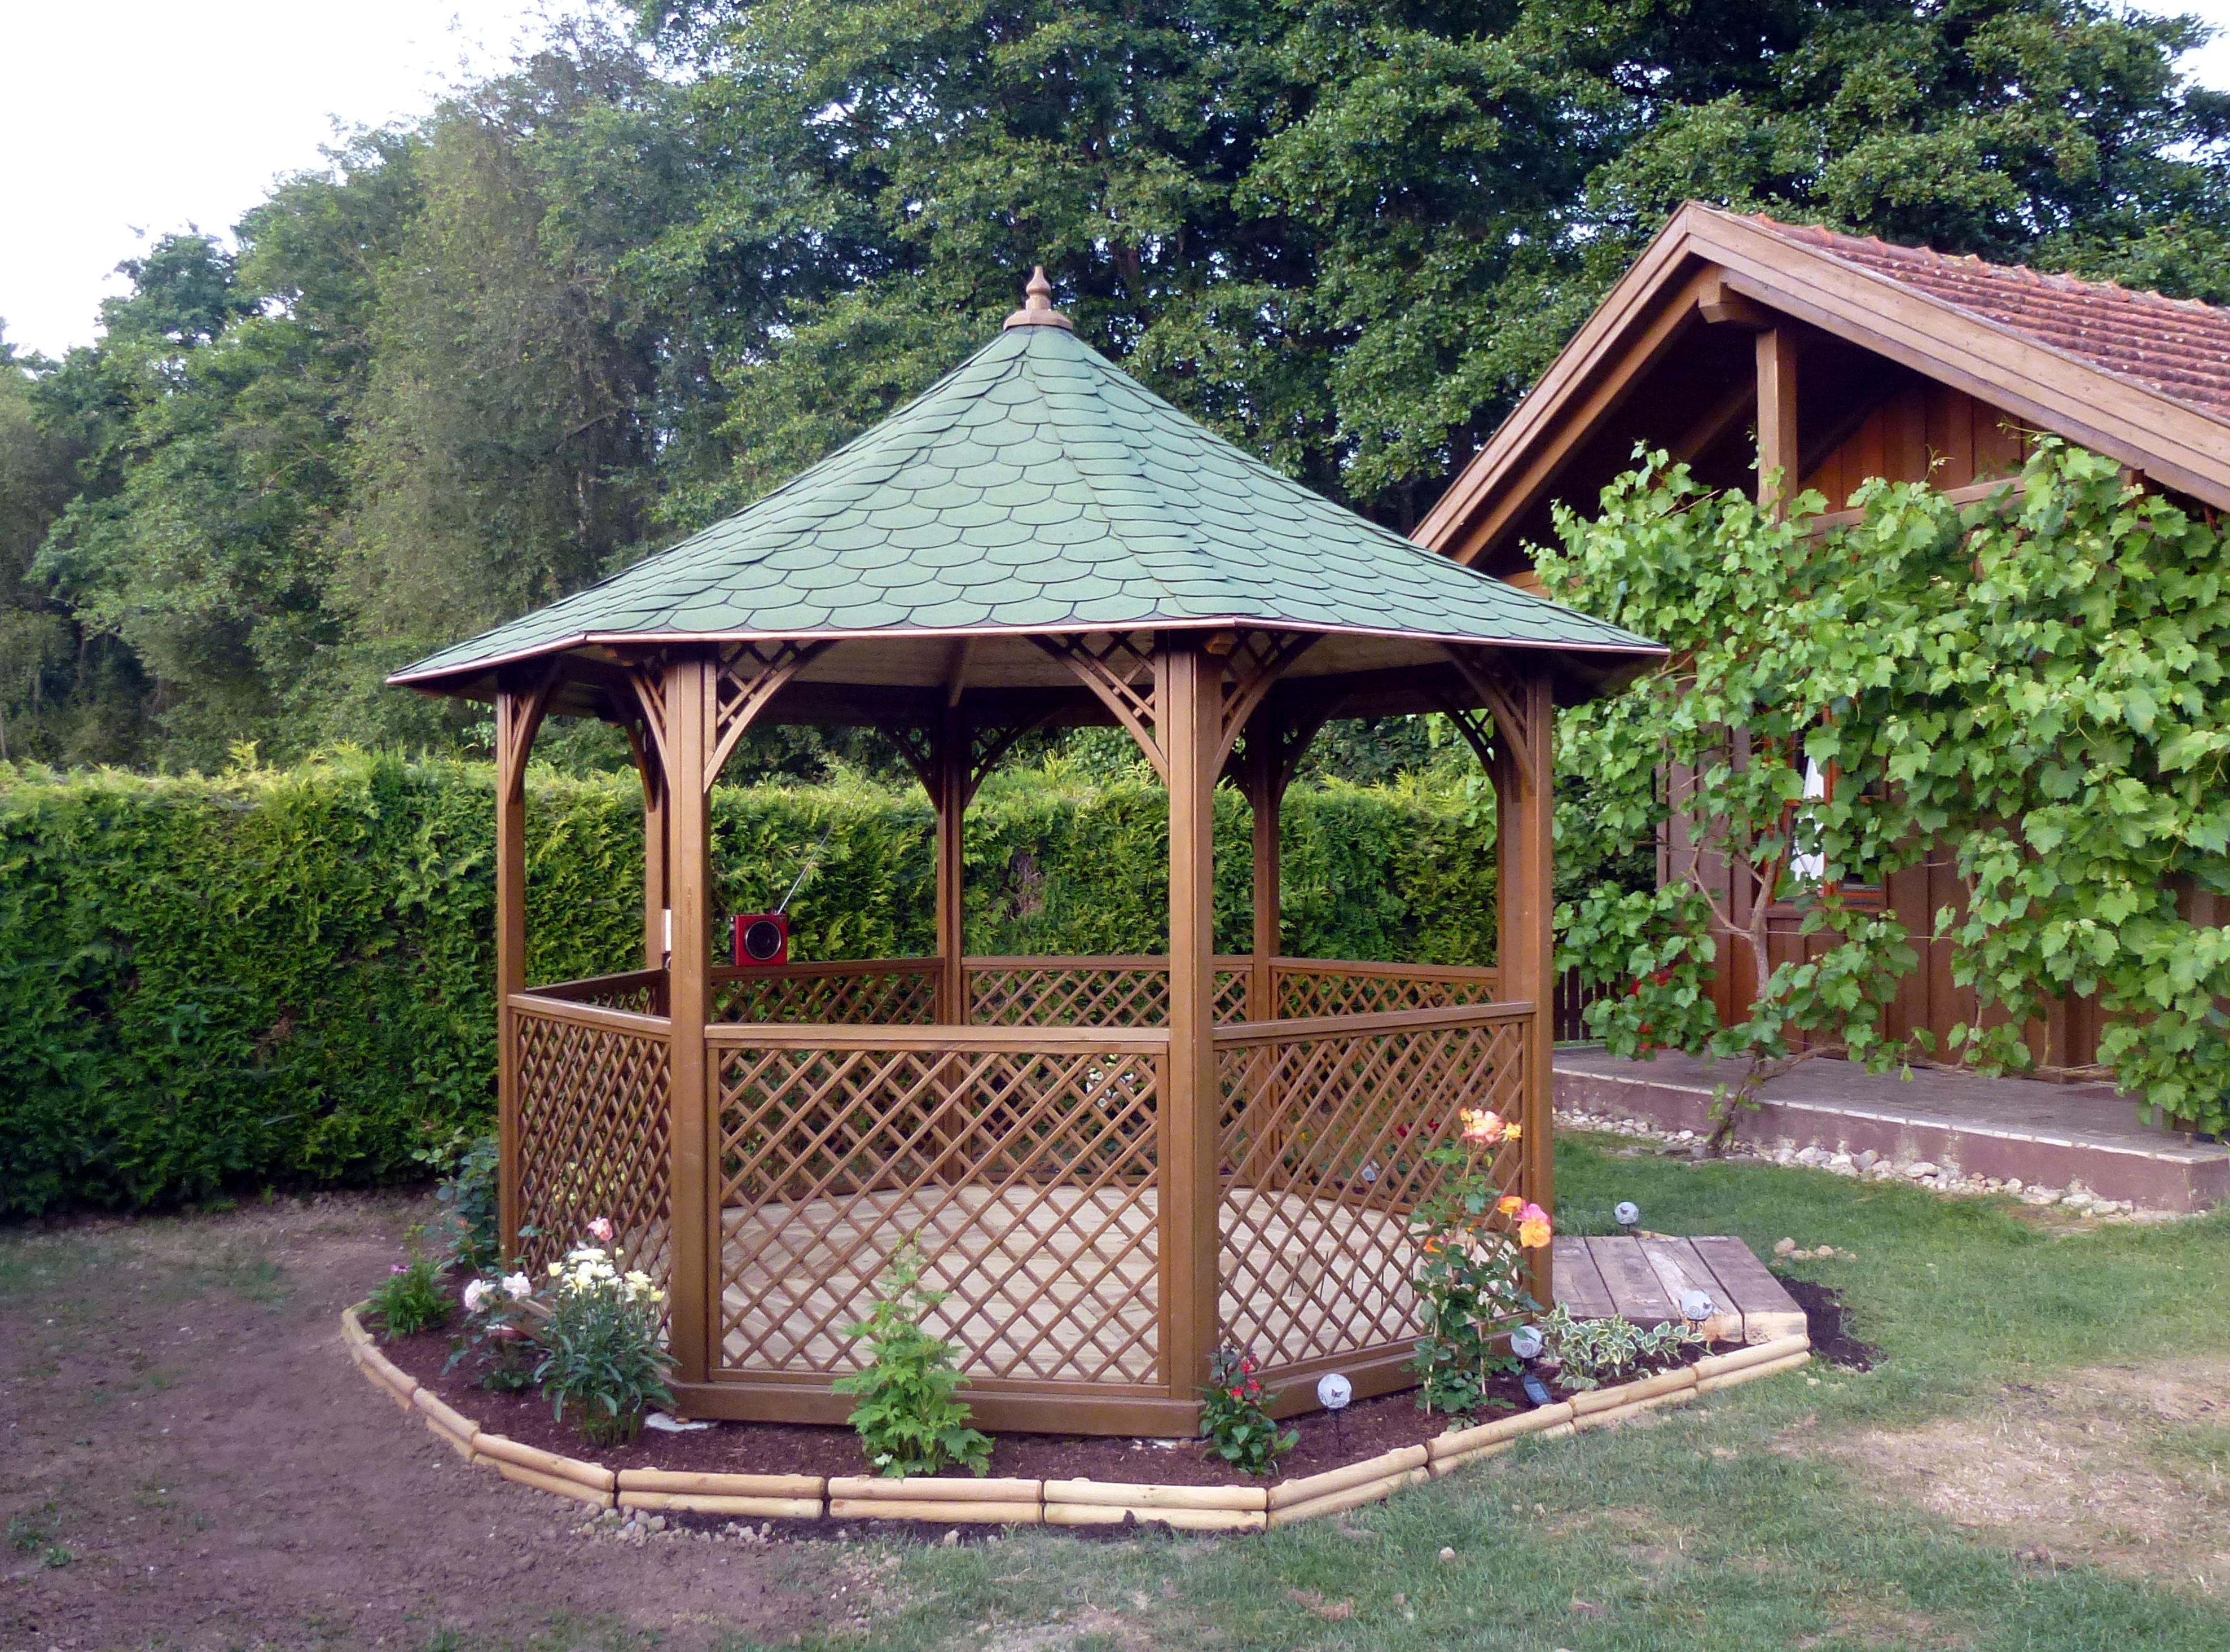 revendeur a53d0 56573 Cabane jardin ronde - Abri de jardin et balancoire idée